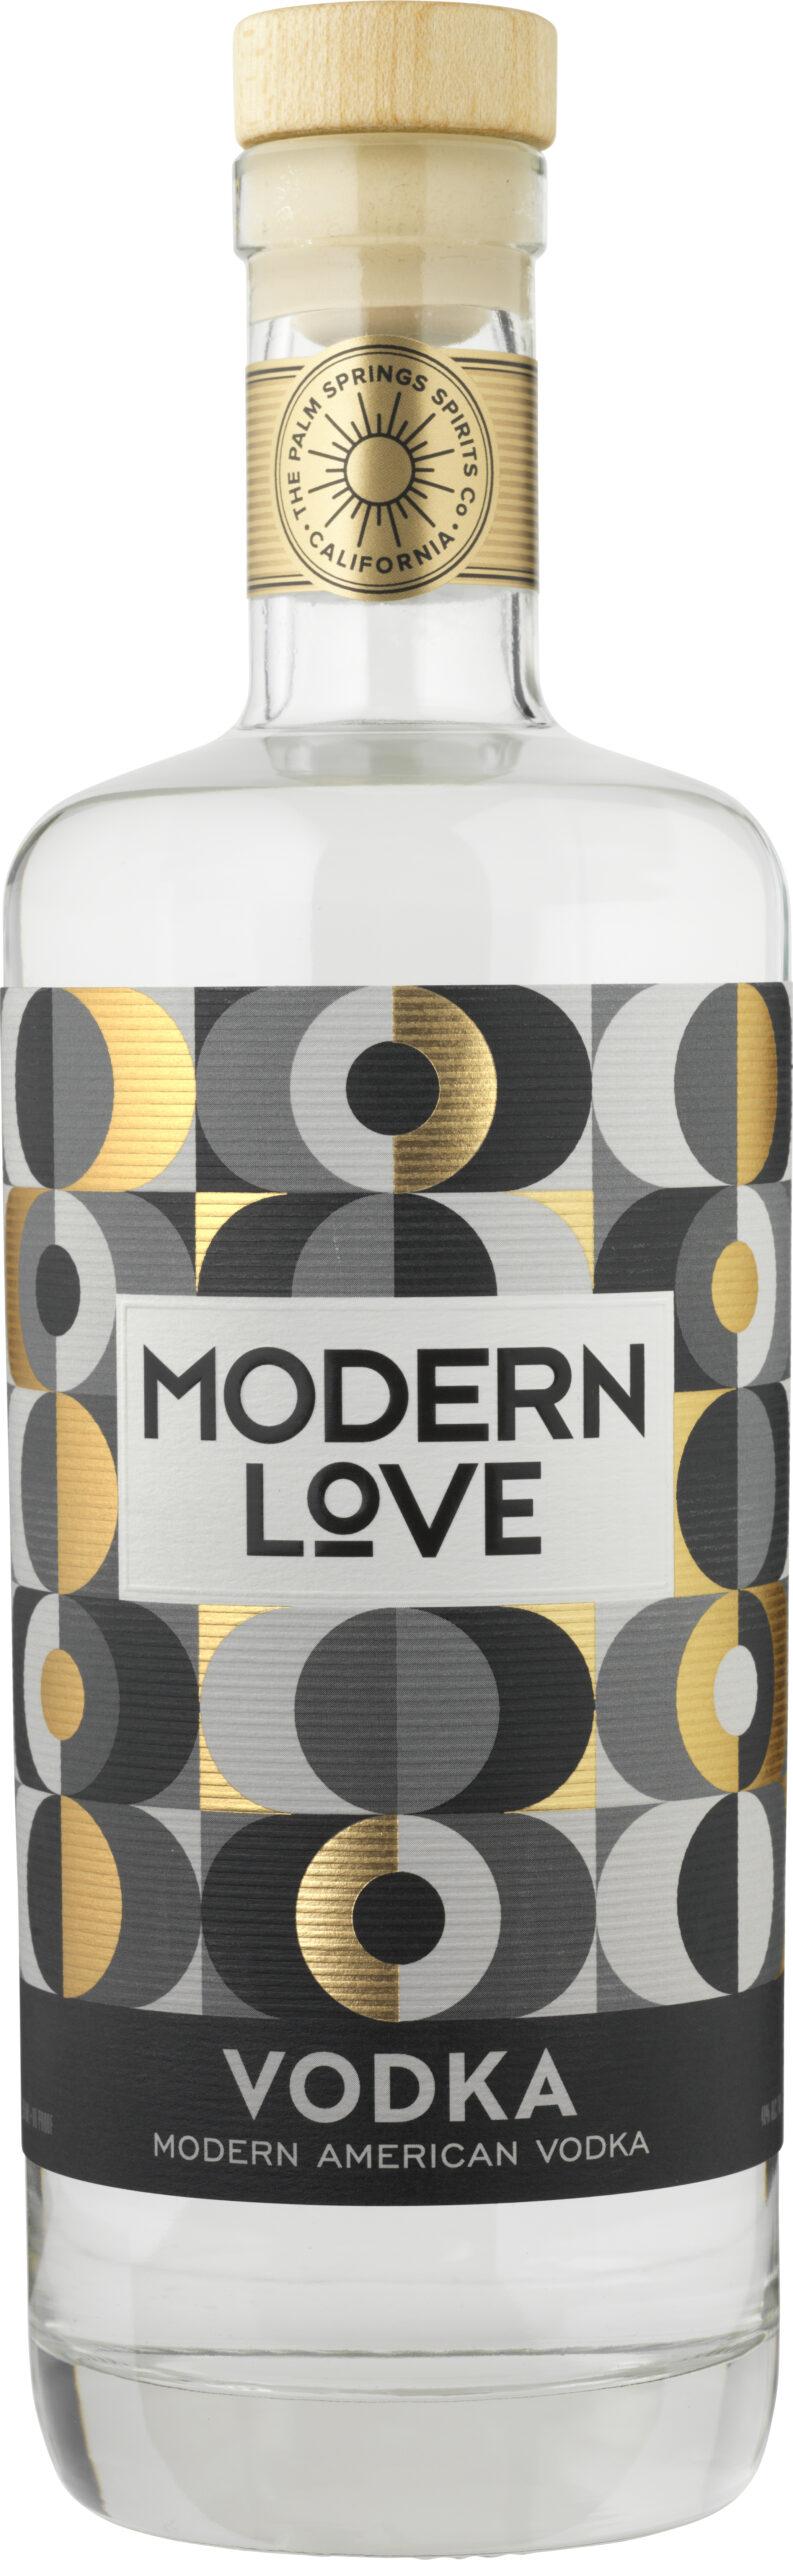 Modern_Love_Vodka_so_FA